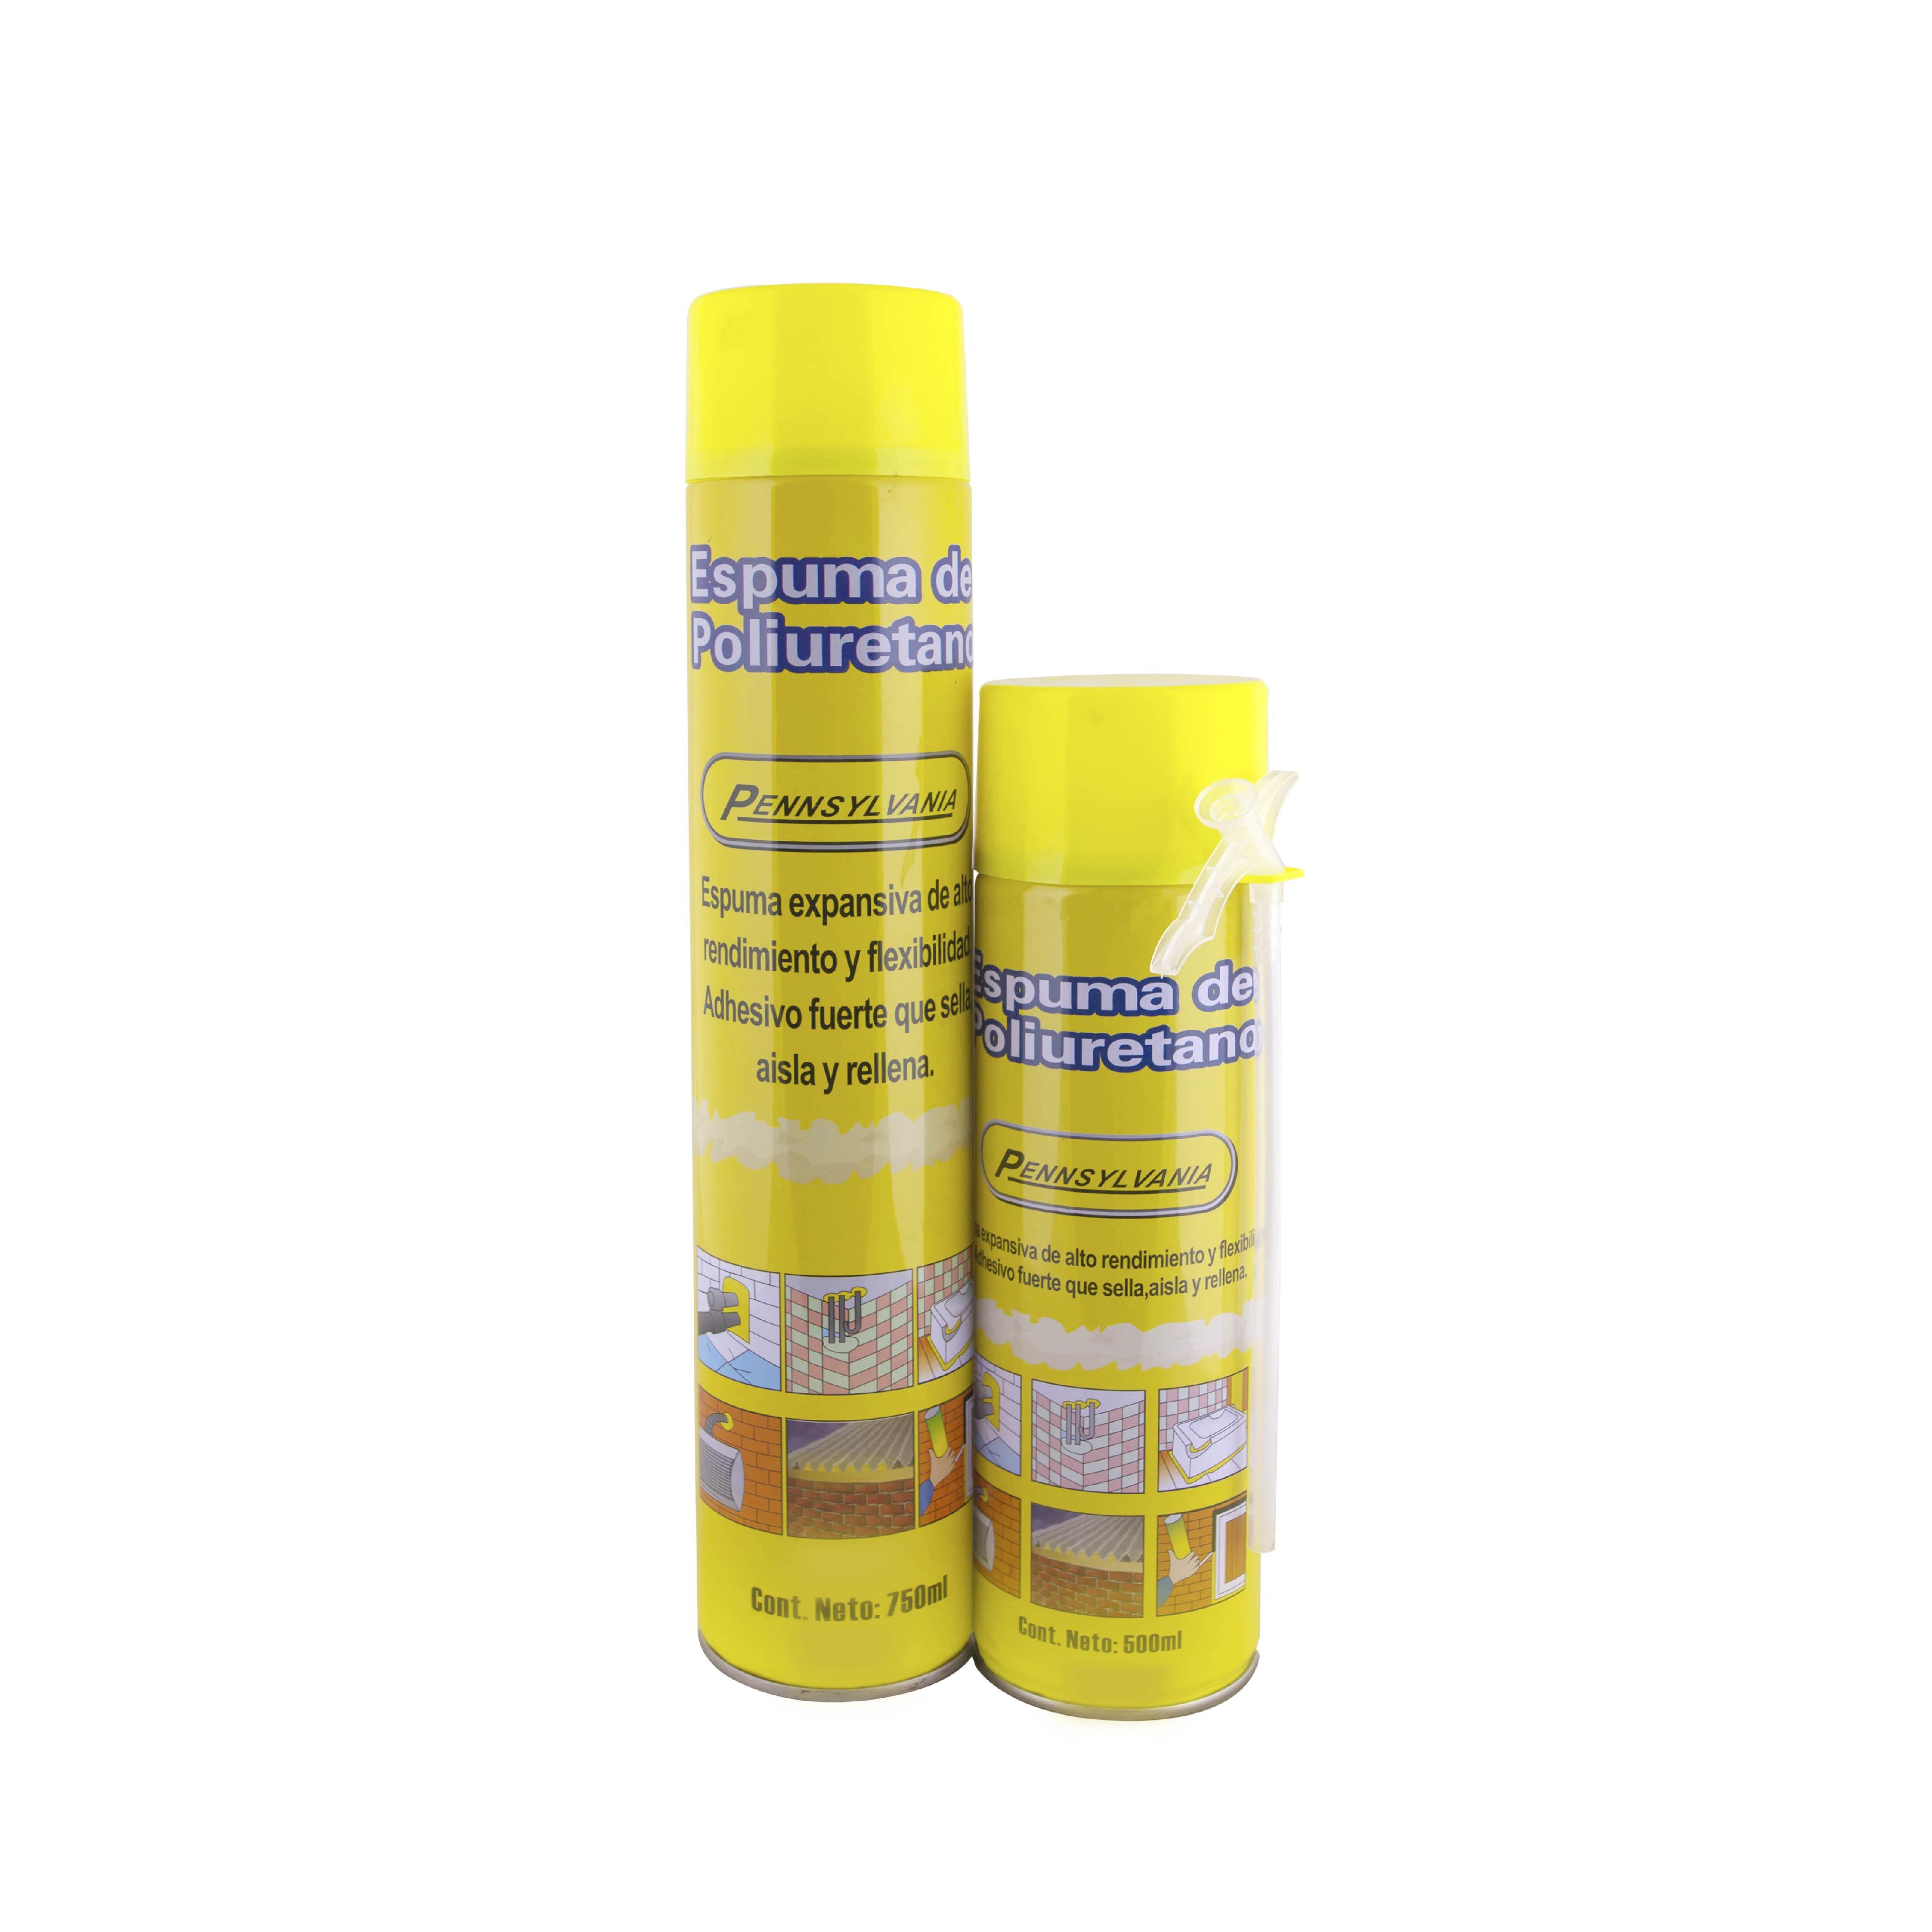 Espuma de poliuretano asfalkote - Precio de espuma de poliuretano ...